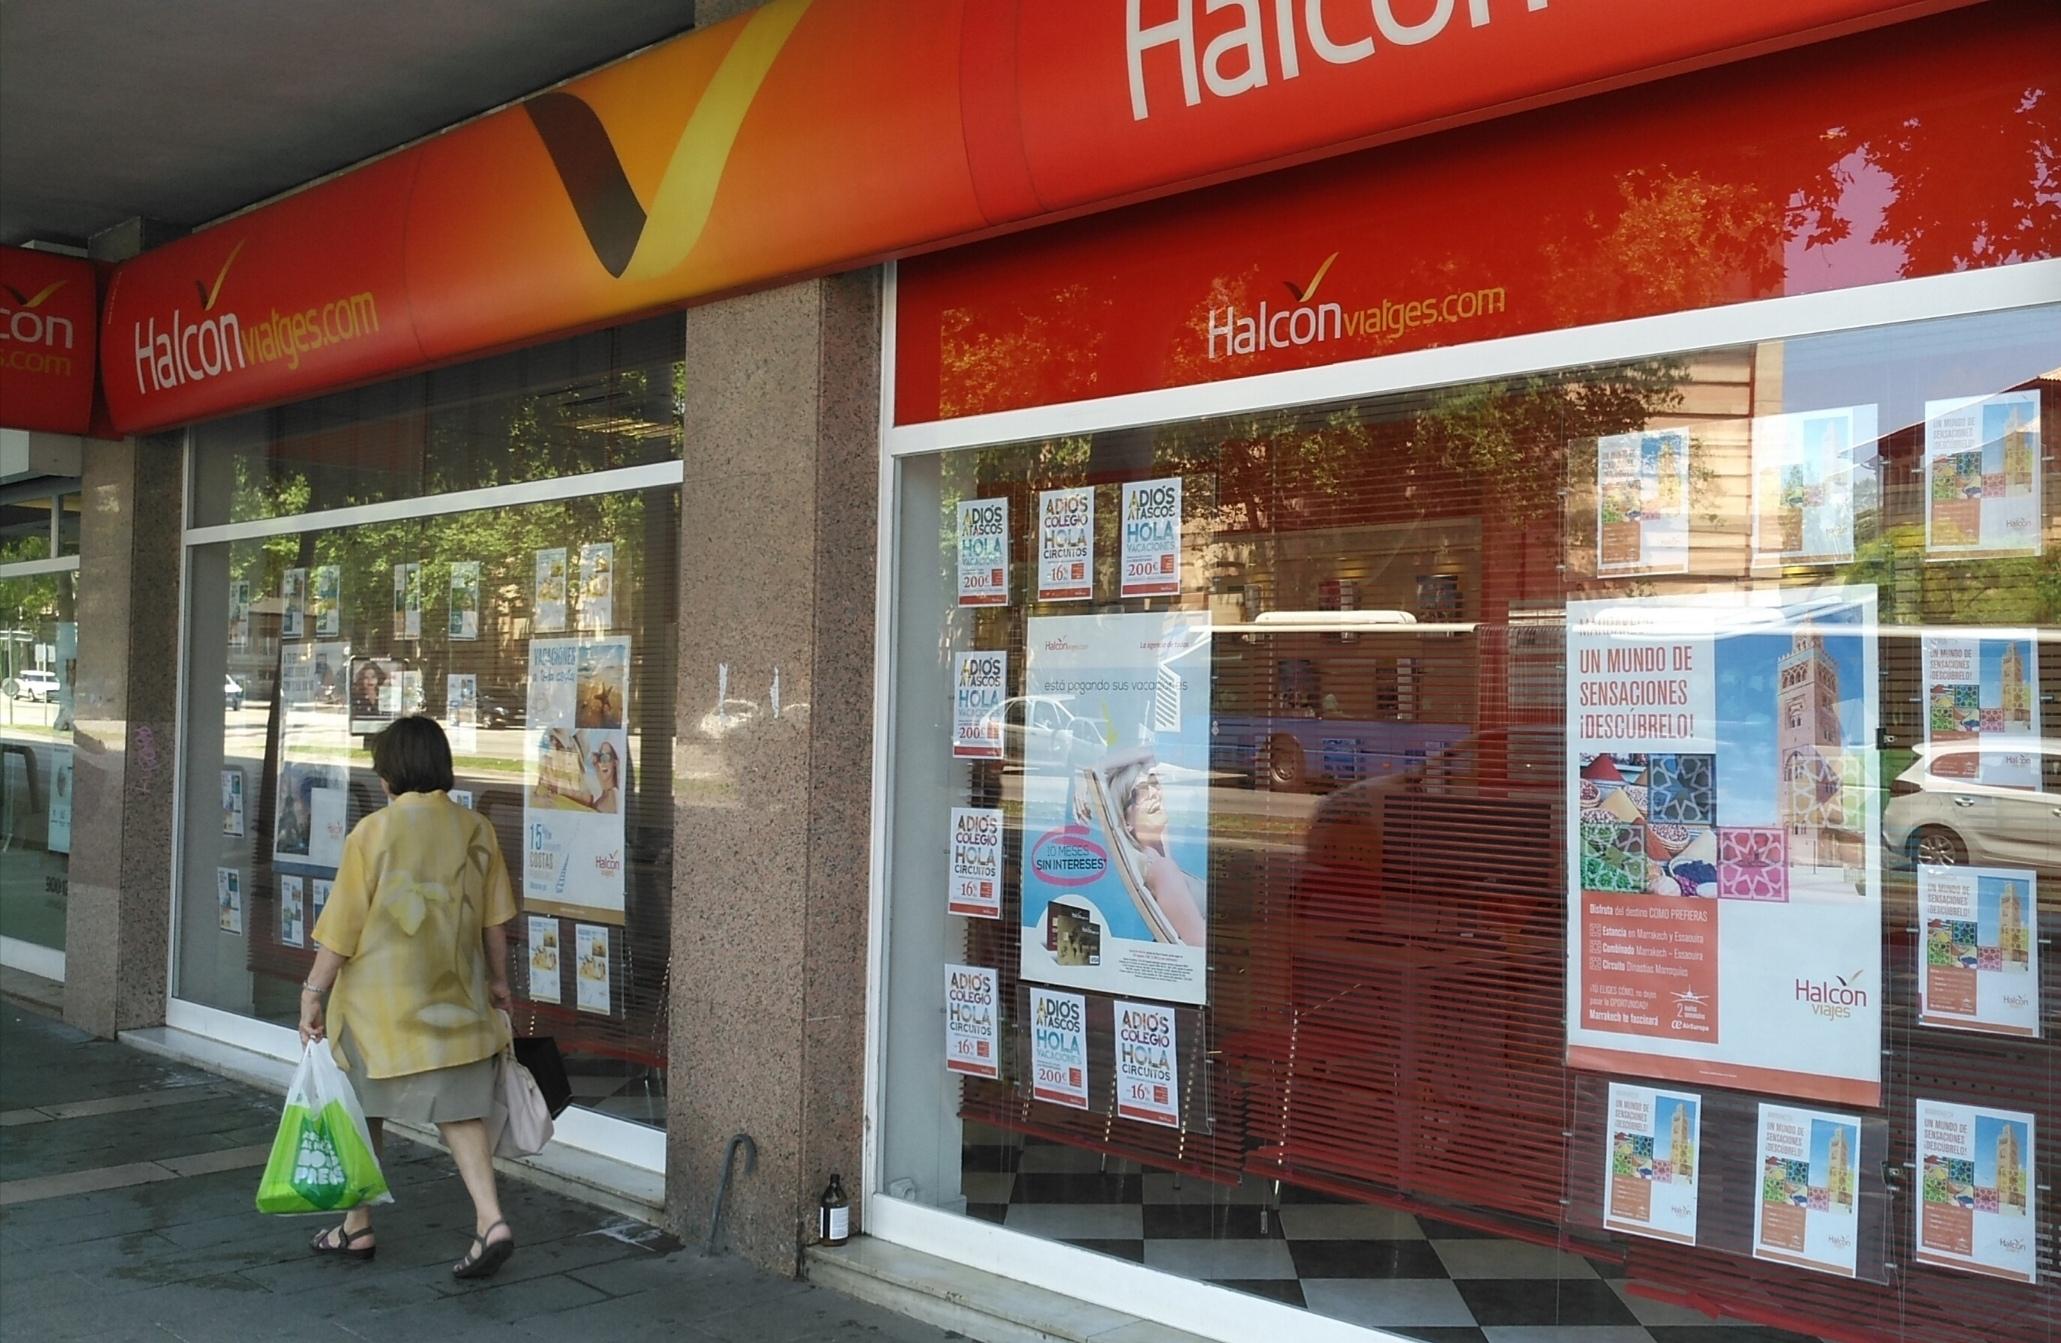 Circuito Galicia Halcon Viajes : Halcón viajes las personas clave noticias de agencias de